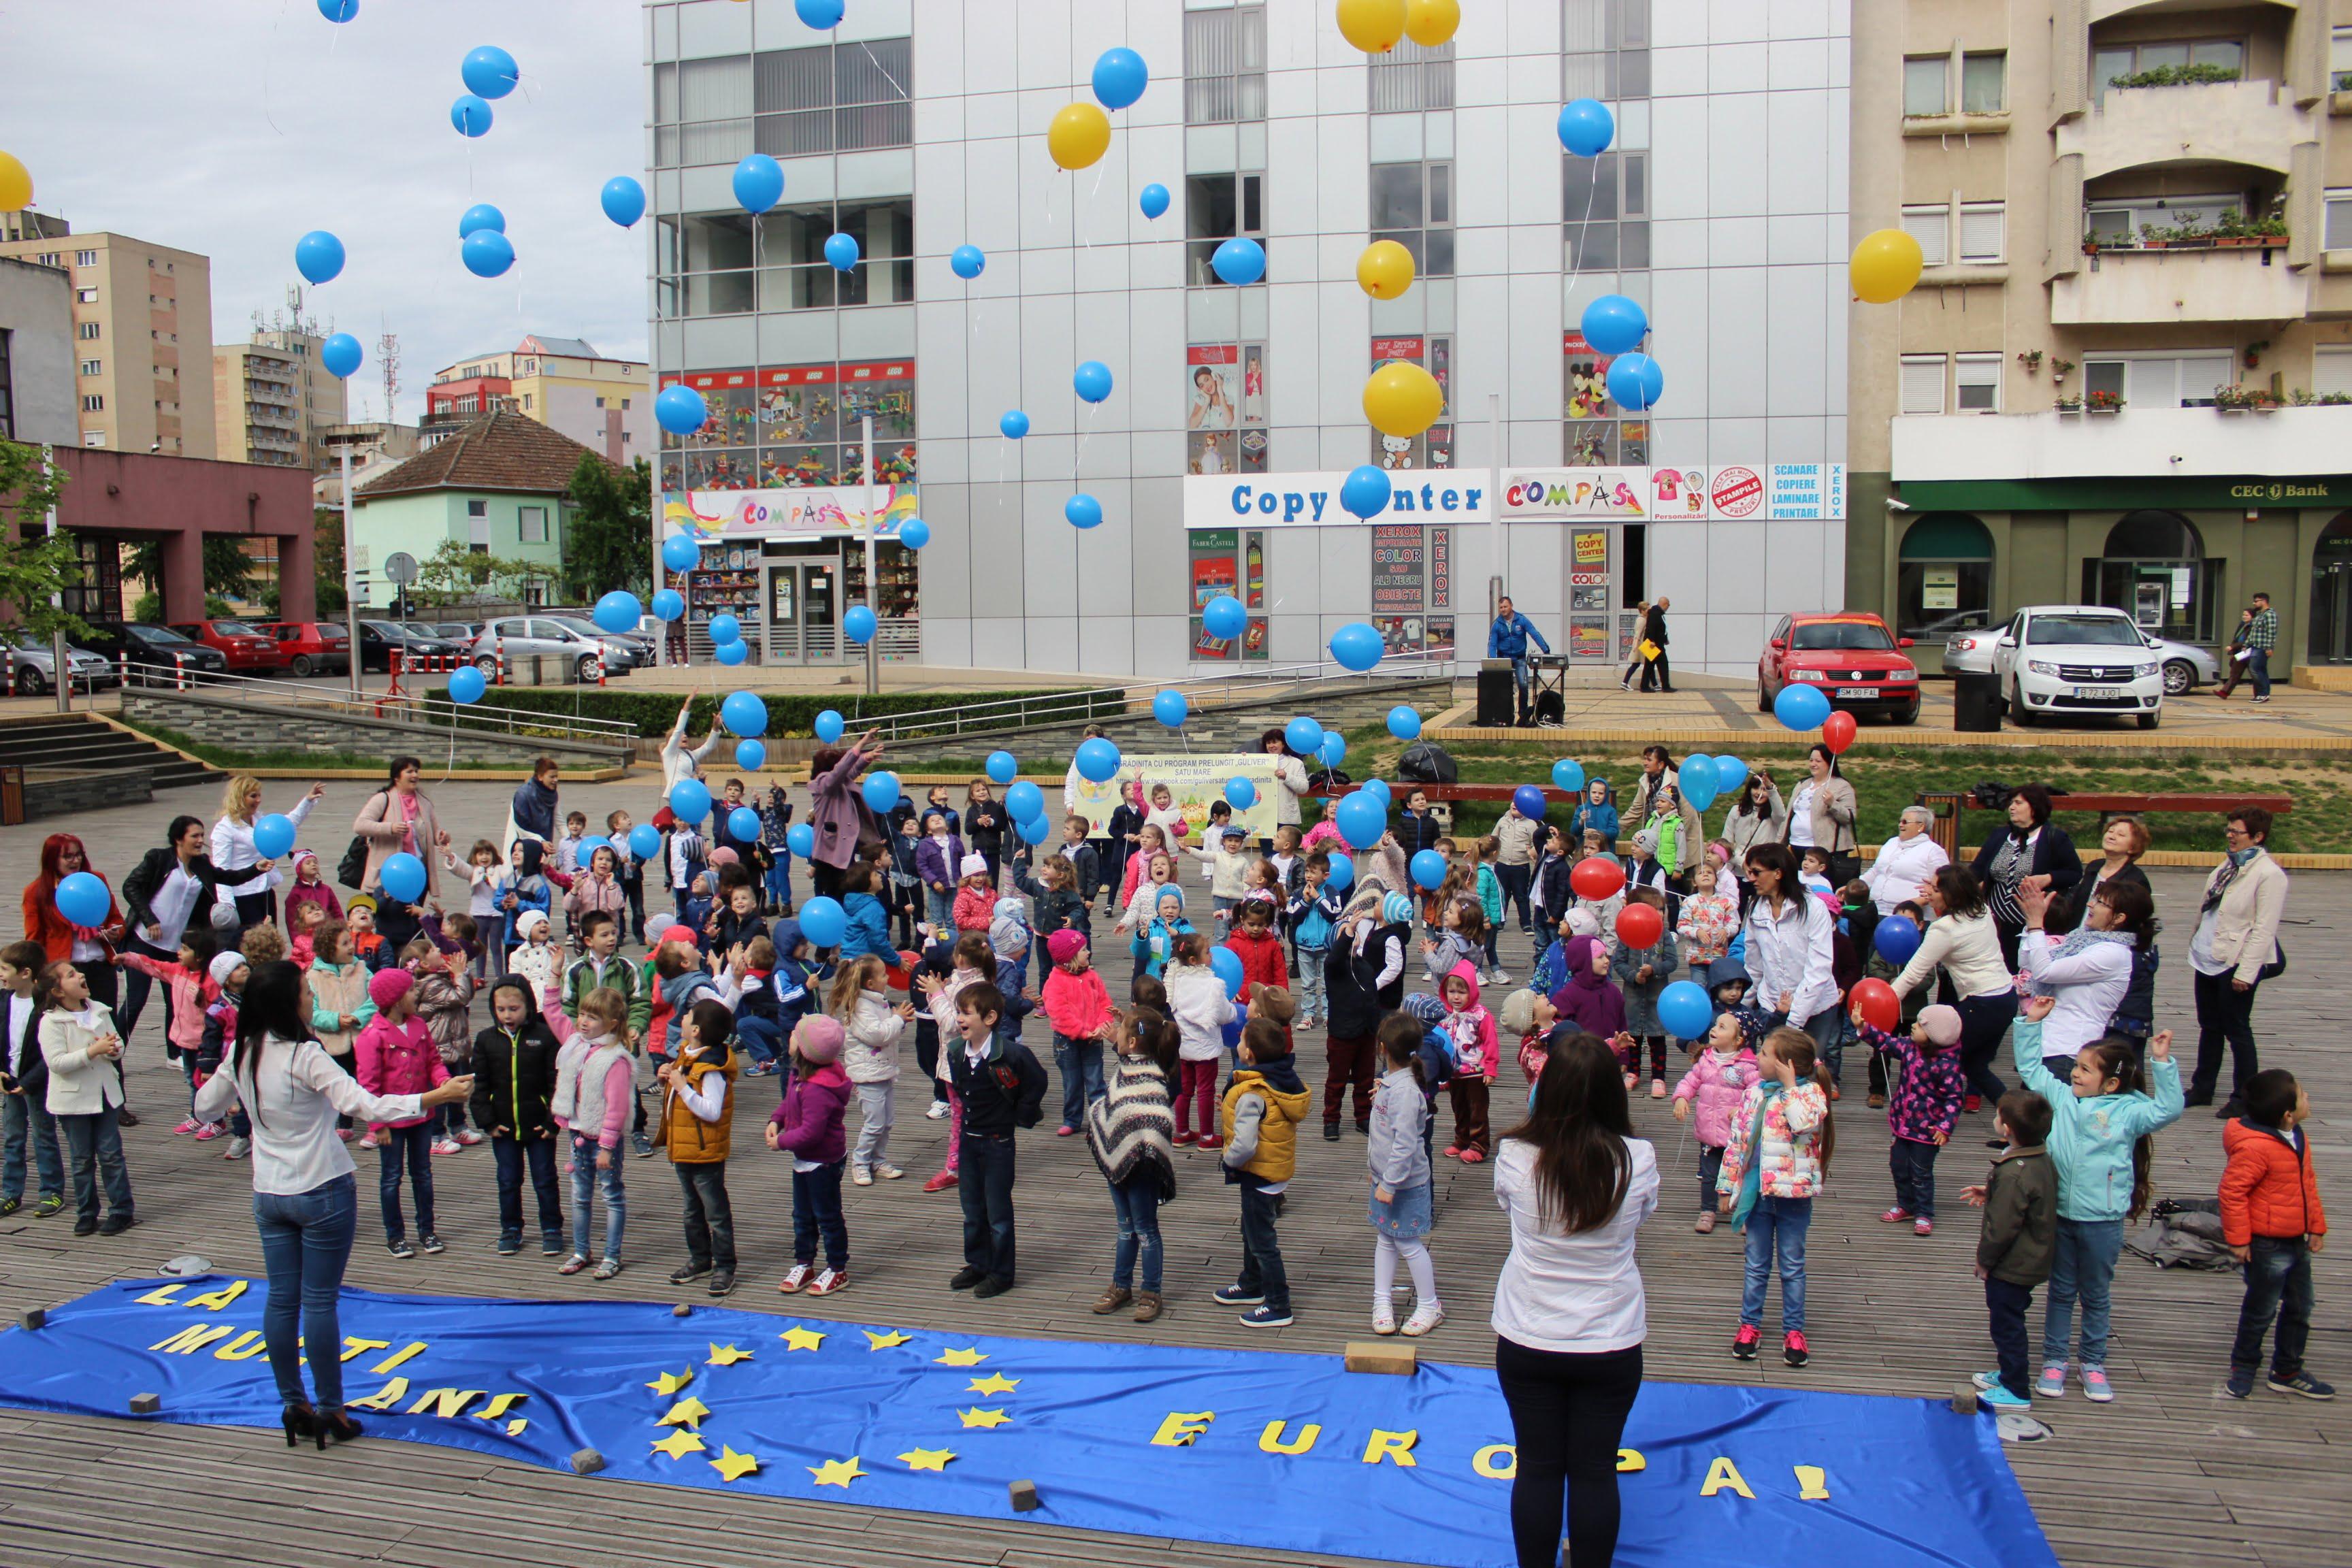 Peste 100 de pitici au marcat Ziua Europei în centrul orașului prin dans și baloane cu heliu – FOTO&VIDEO